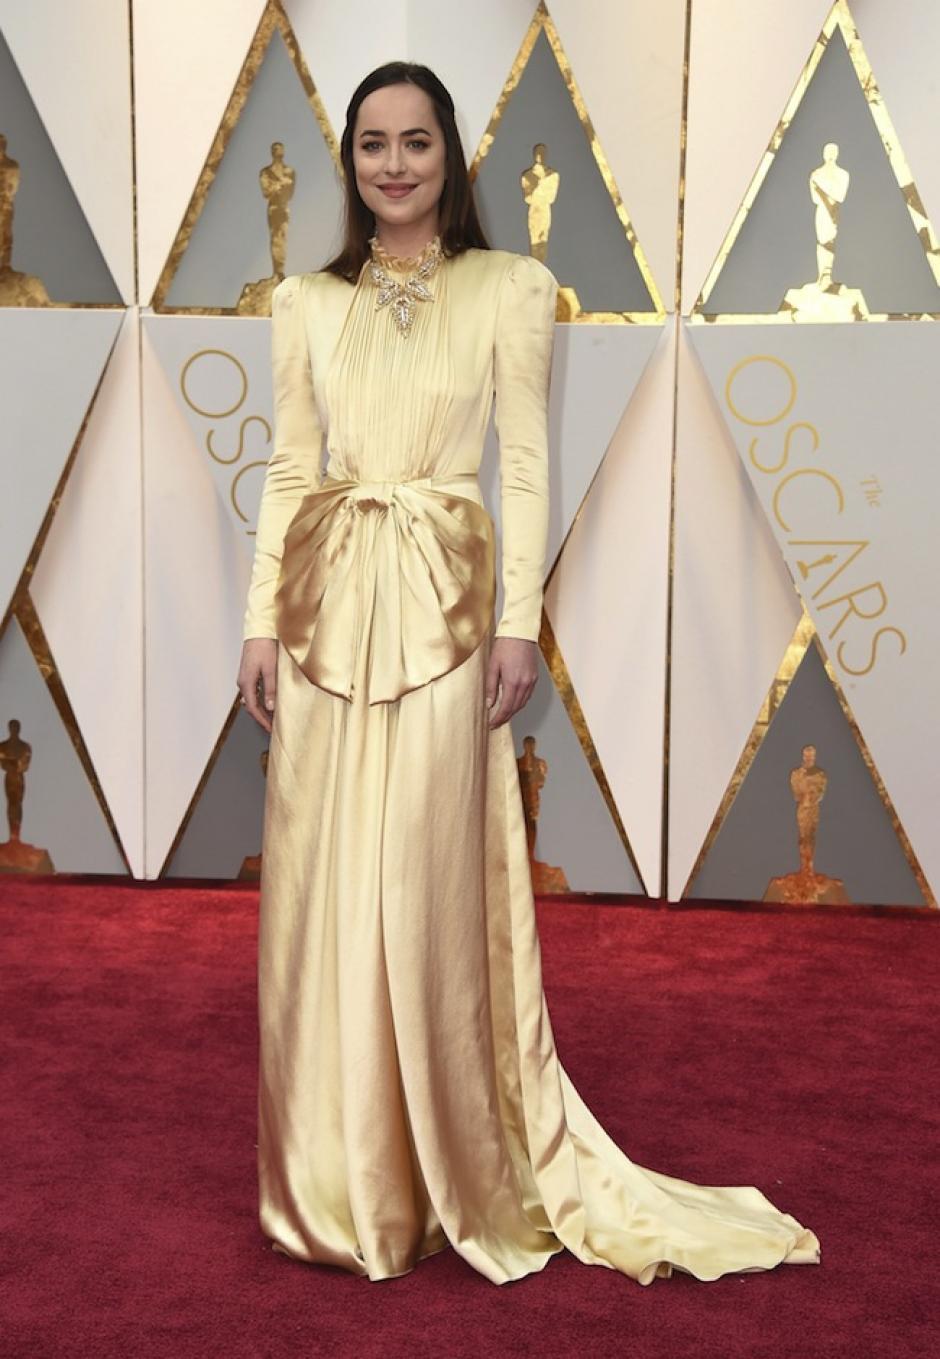 Dakota Johnson eligió un vestido con una moña en el centro con un moño que no le favorecía. (Gtres)